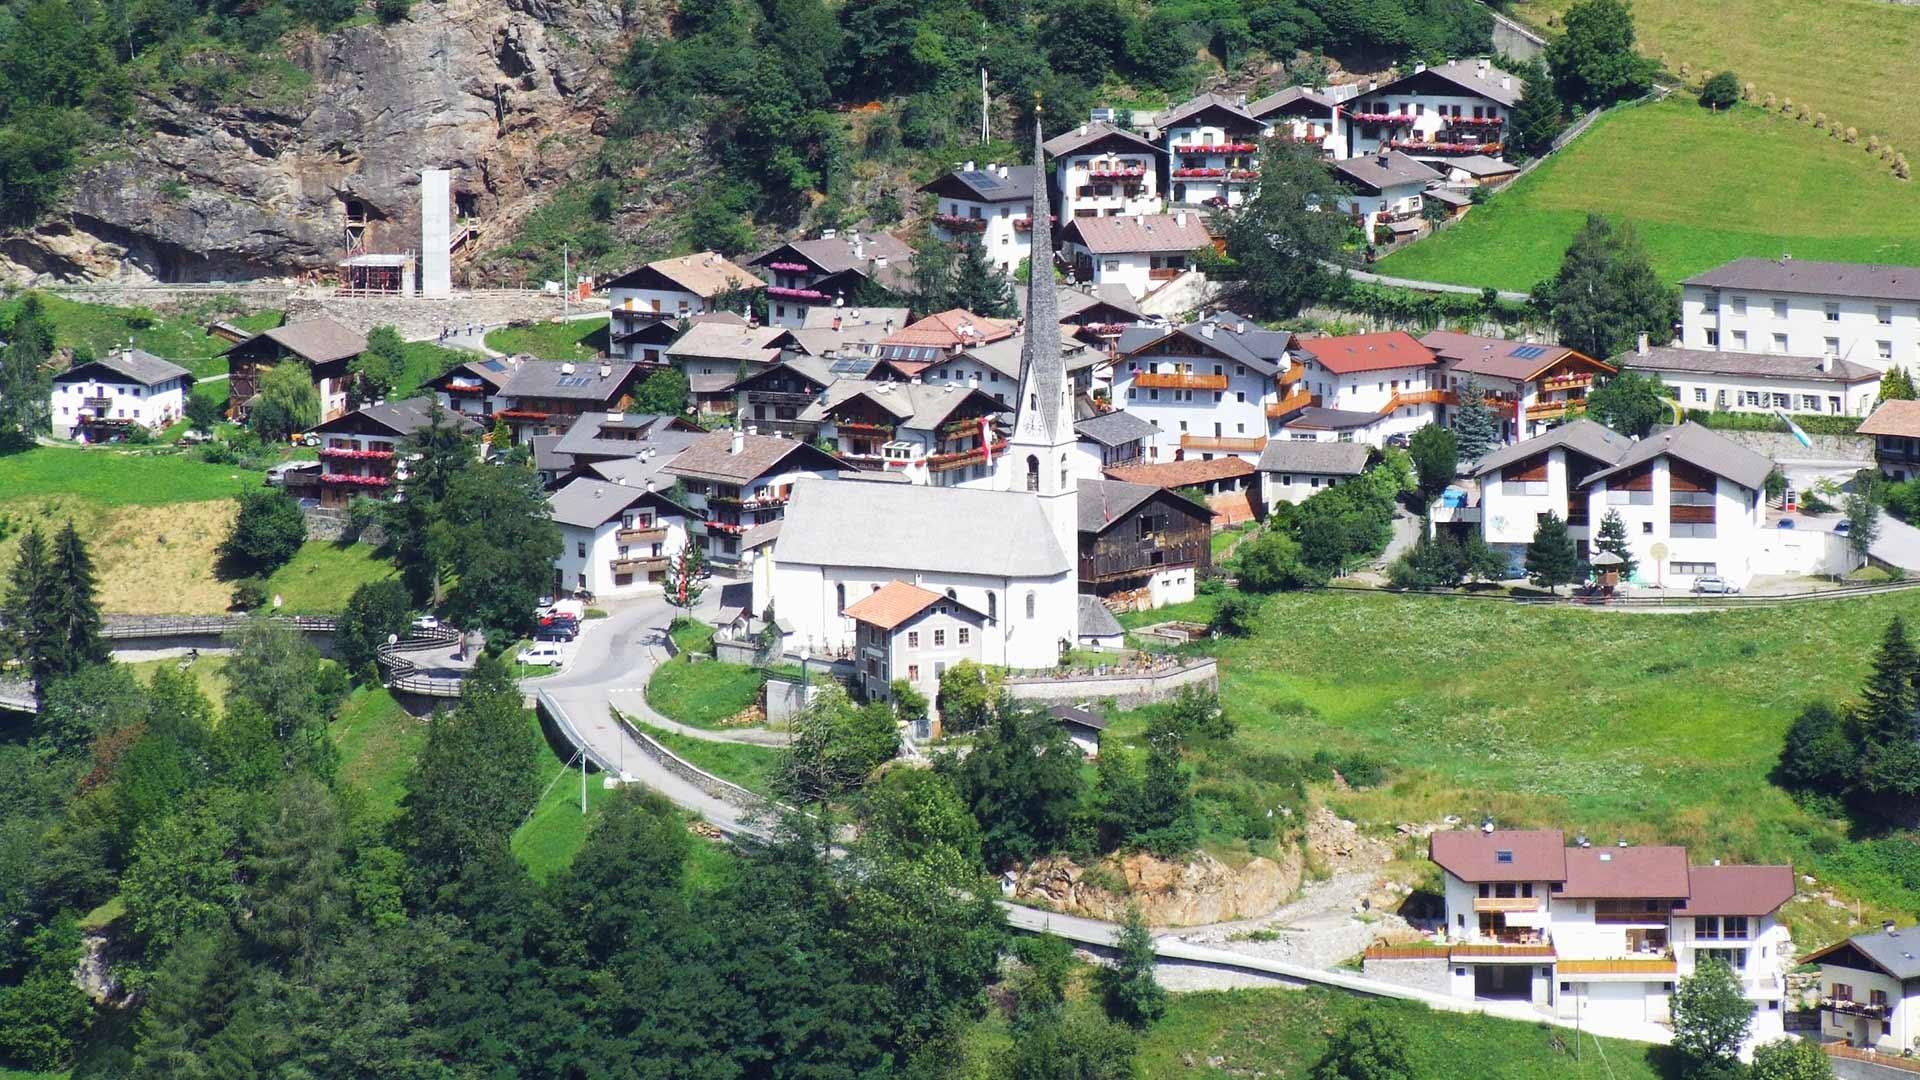 Moso in Passiria nella pittoresca Alta Passiria